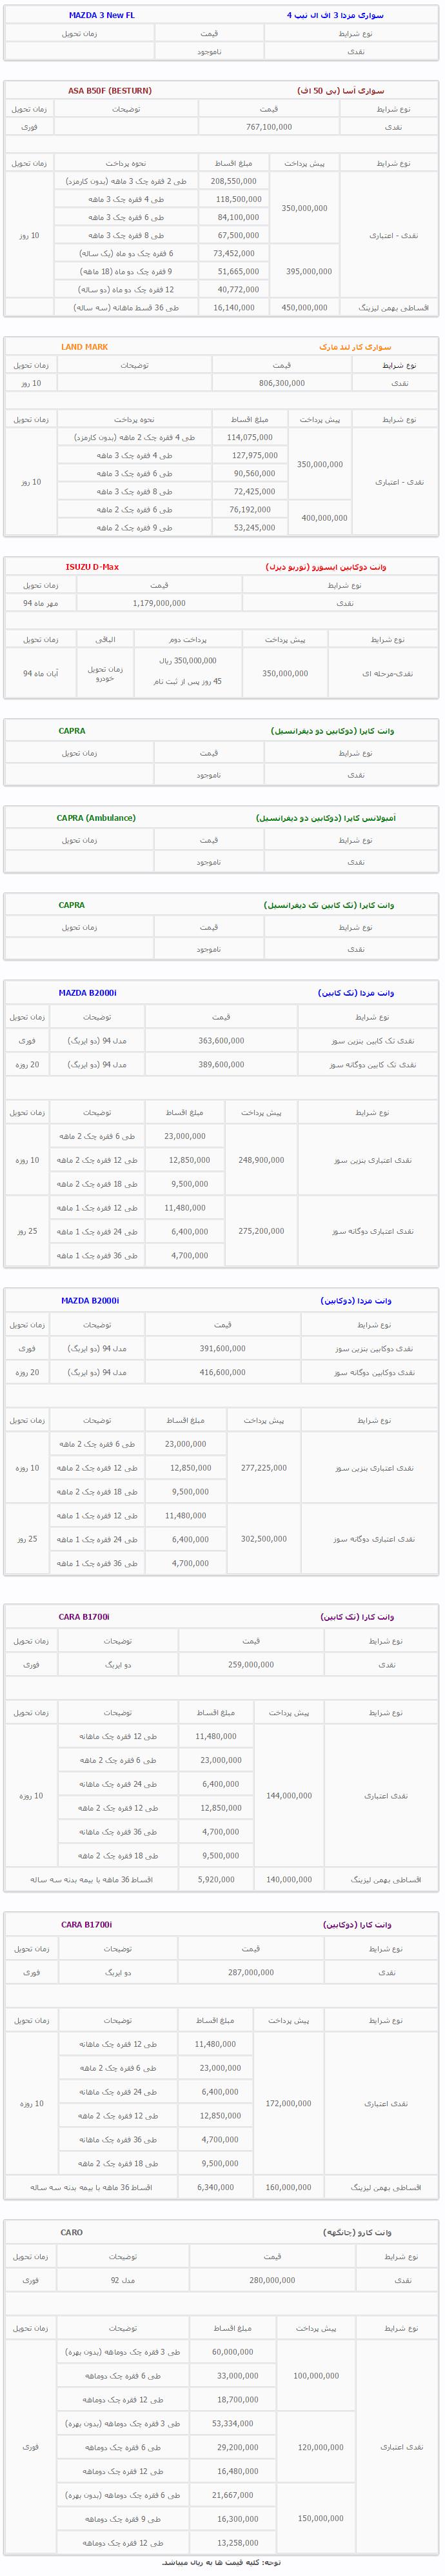 فروش نقد و اقساط محصولات گروه بهمن